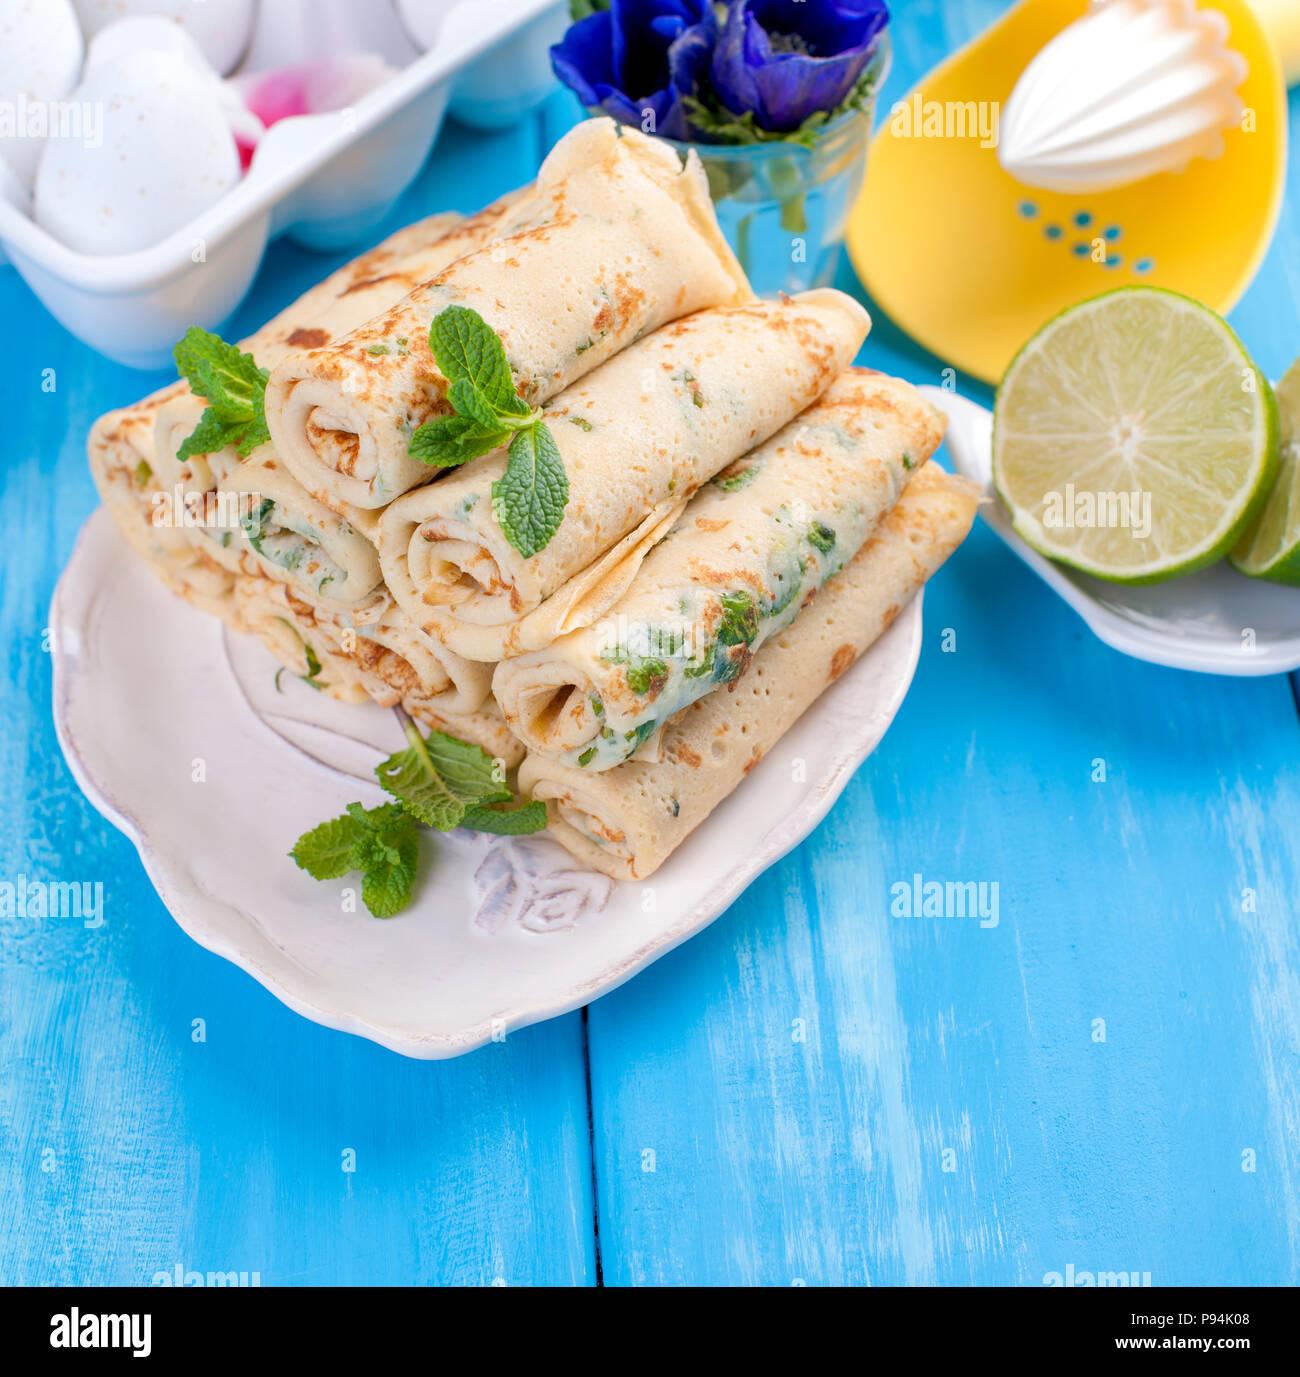 Crêpes maison à la Menthe et citron vert. Printemps russe traditionnel de pâtisseries. Délicieux petit déjeuner en famille. La cuisson pour le carnaval. Card Photo Stock